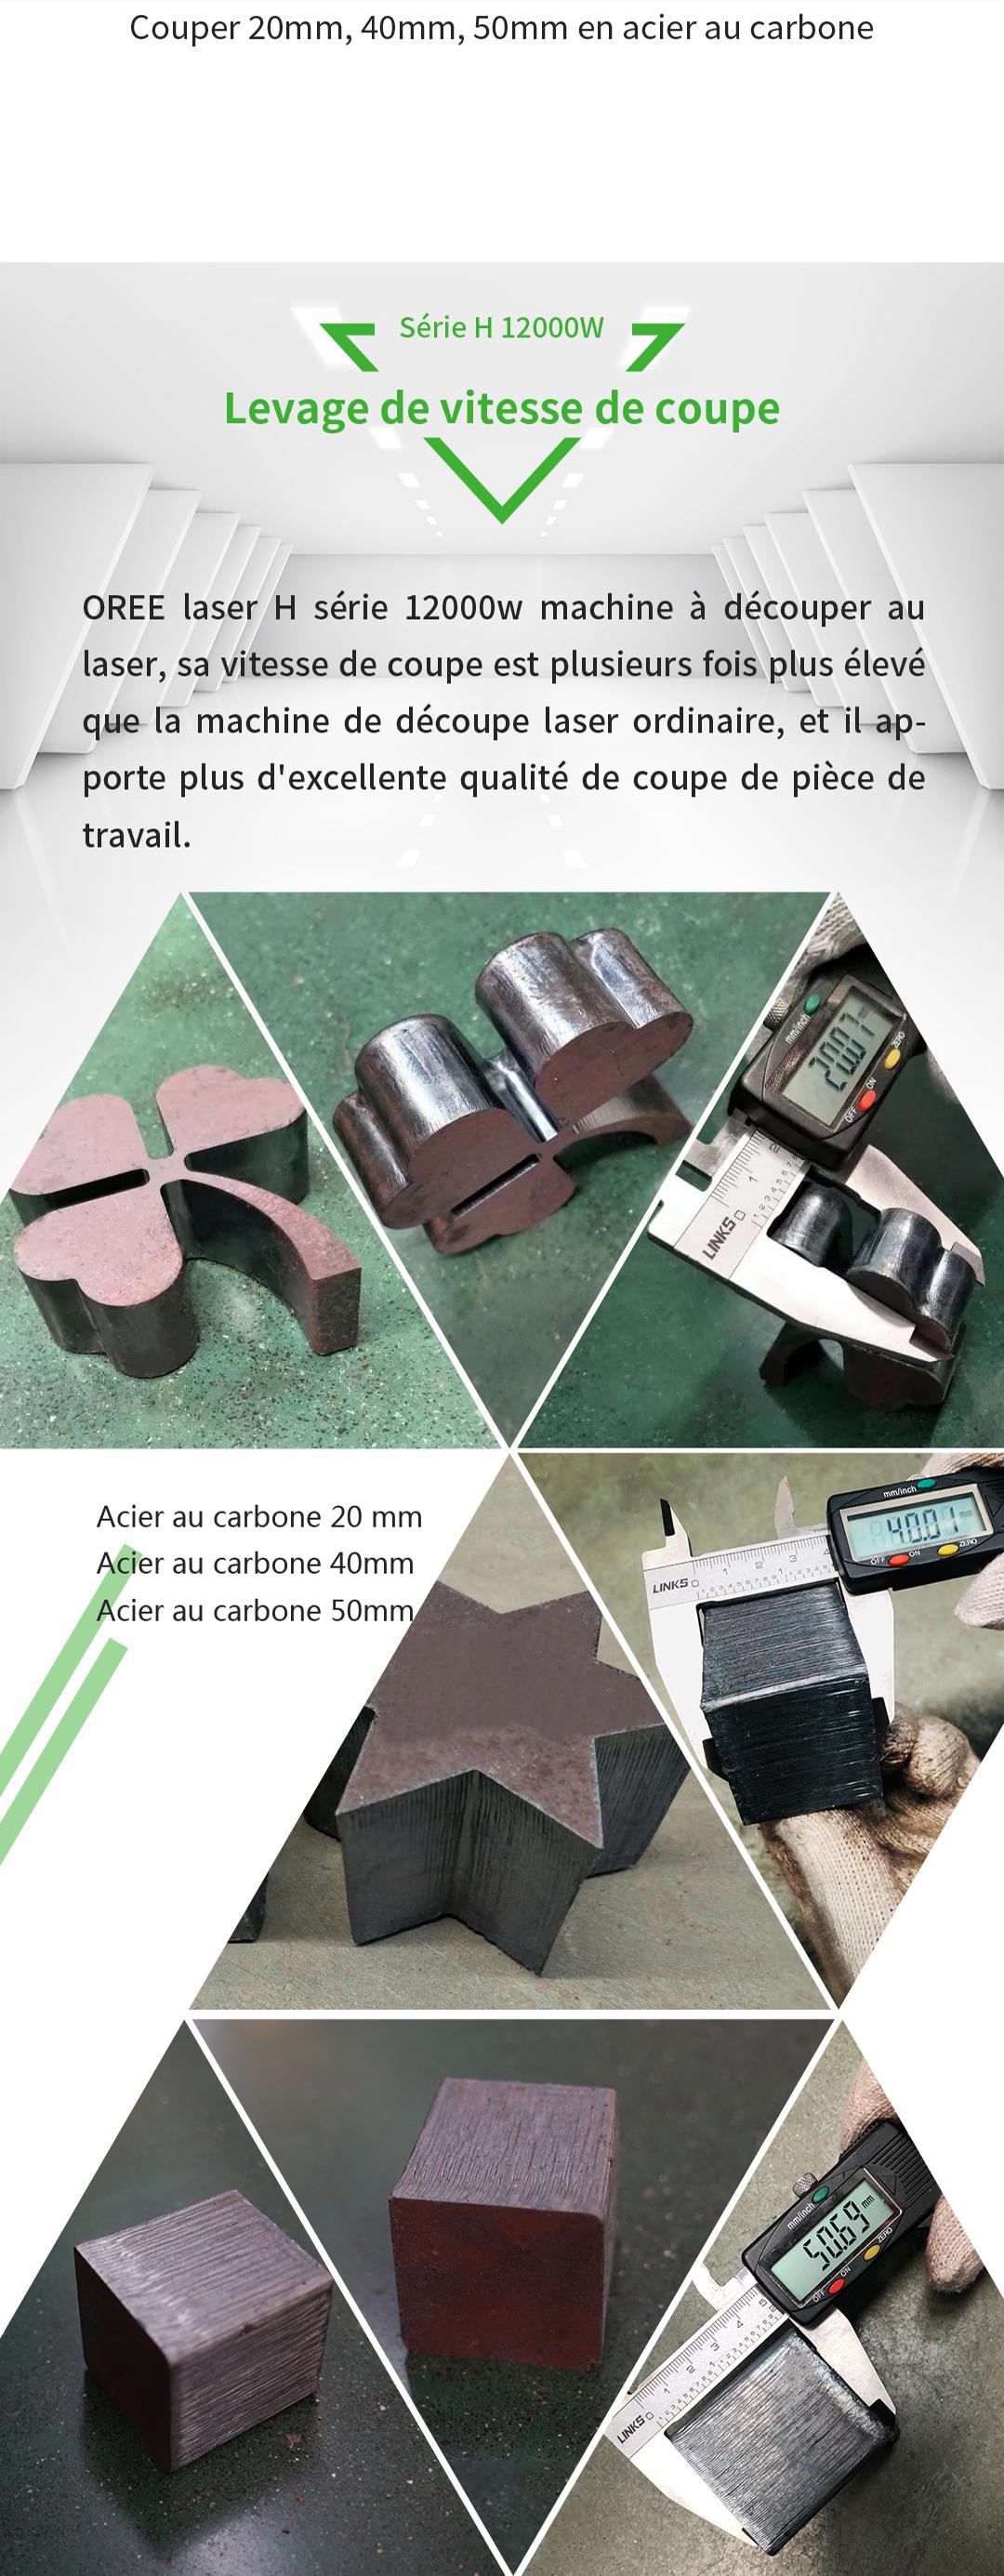 欧锐激光推出12000W高功率激光切割机fayu语-01_03.jpg